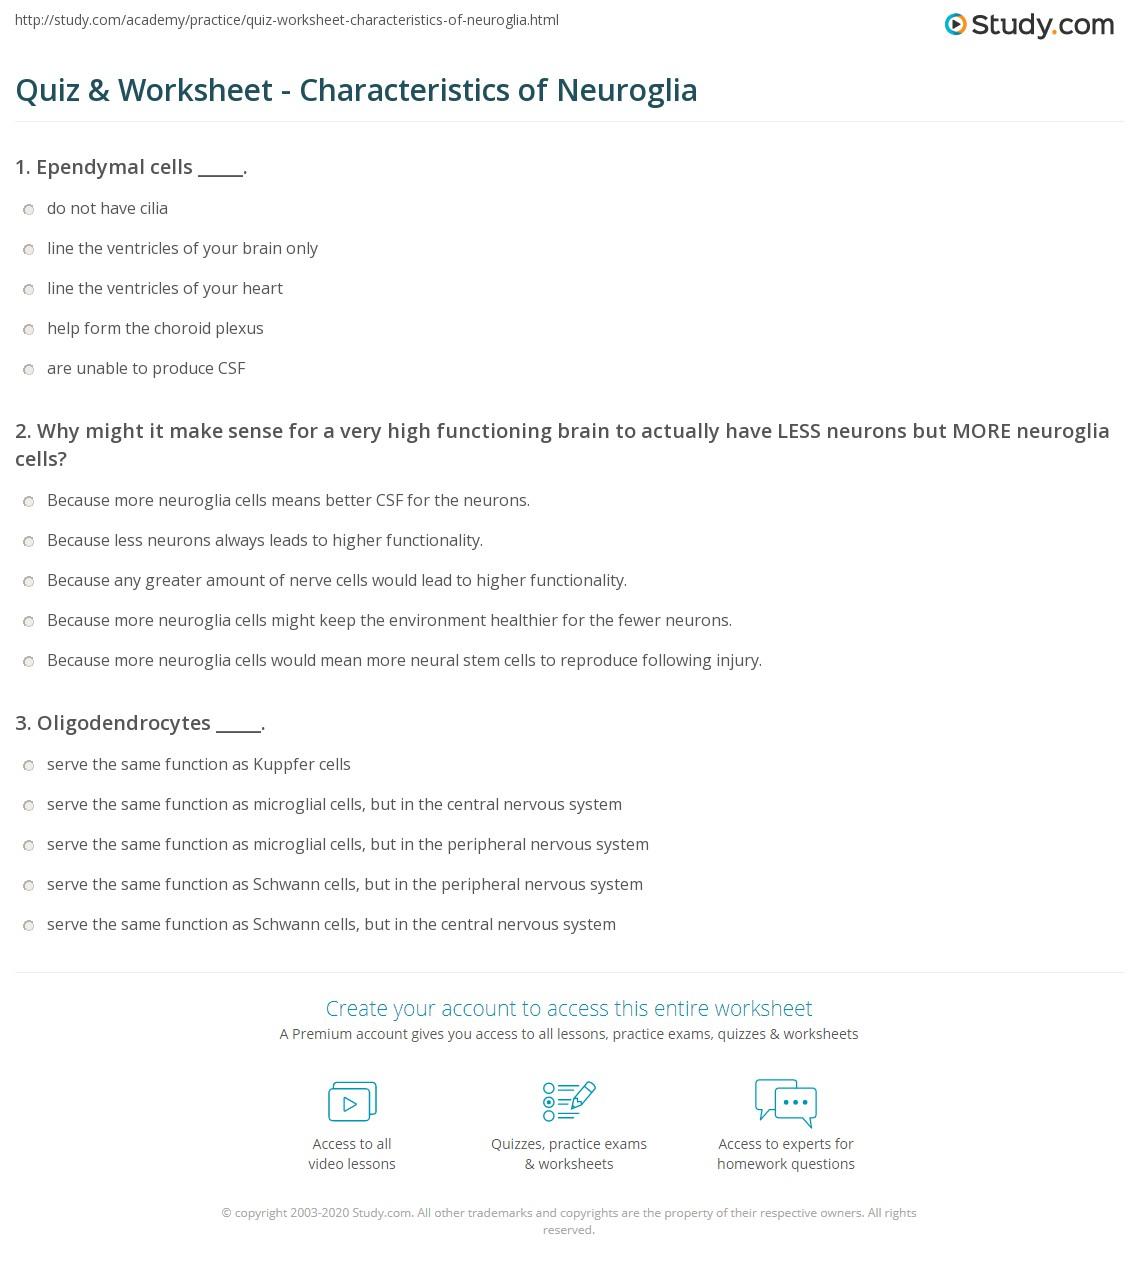 quiz & worksheet - characteristics of neuroglia   study